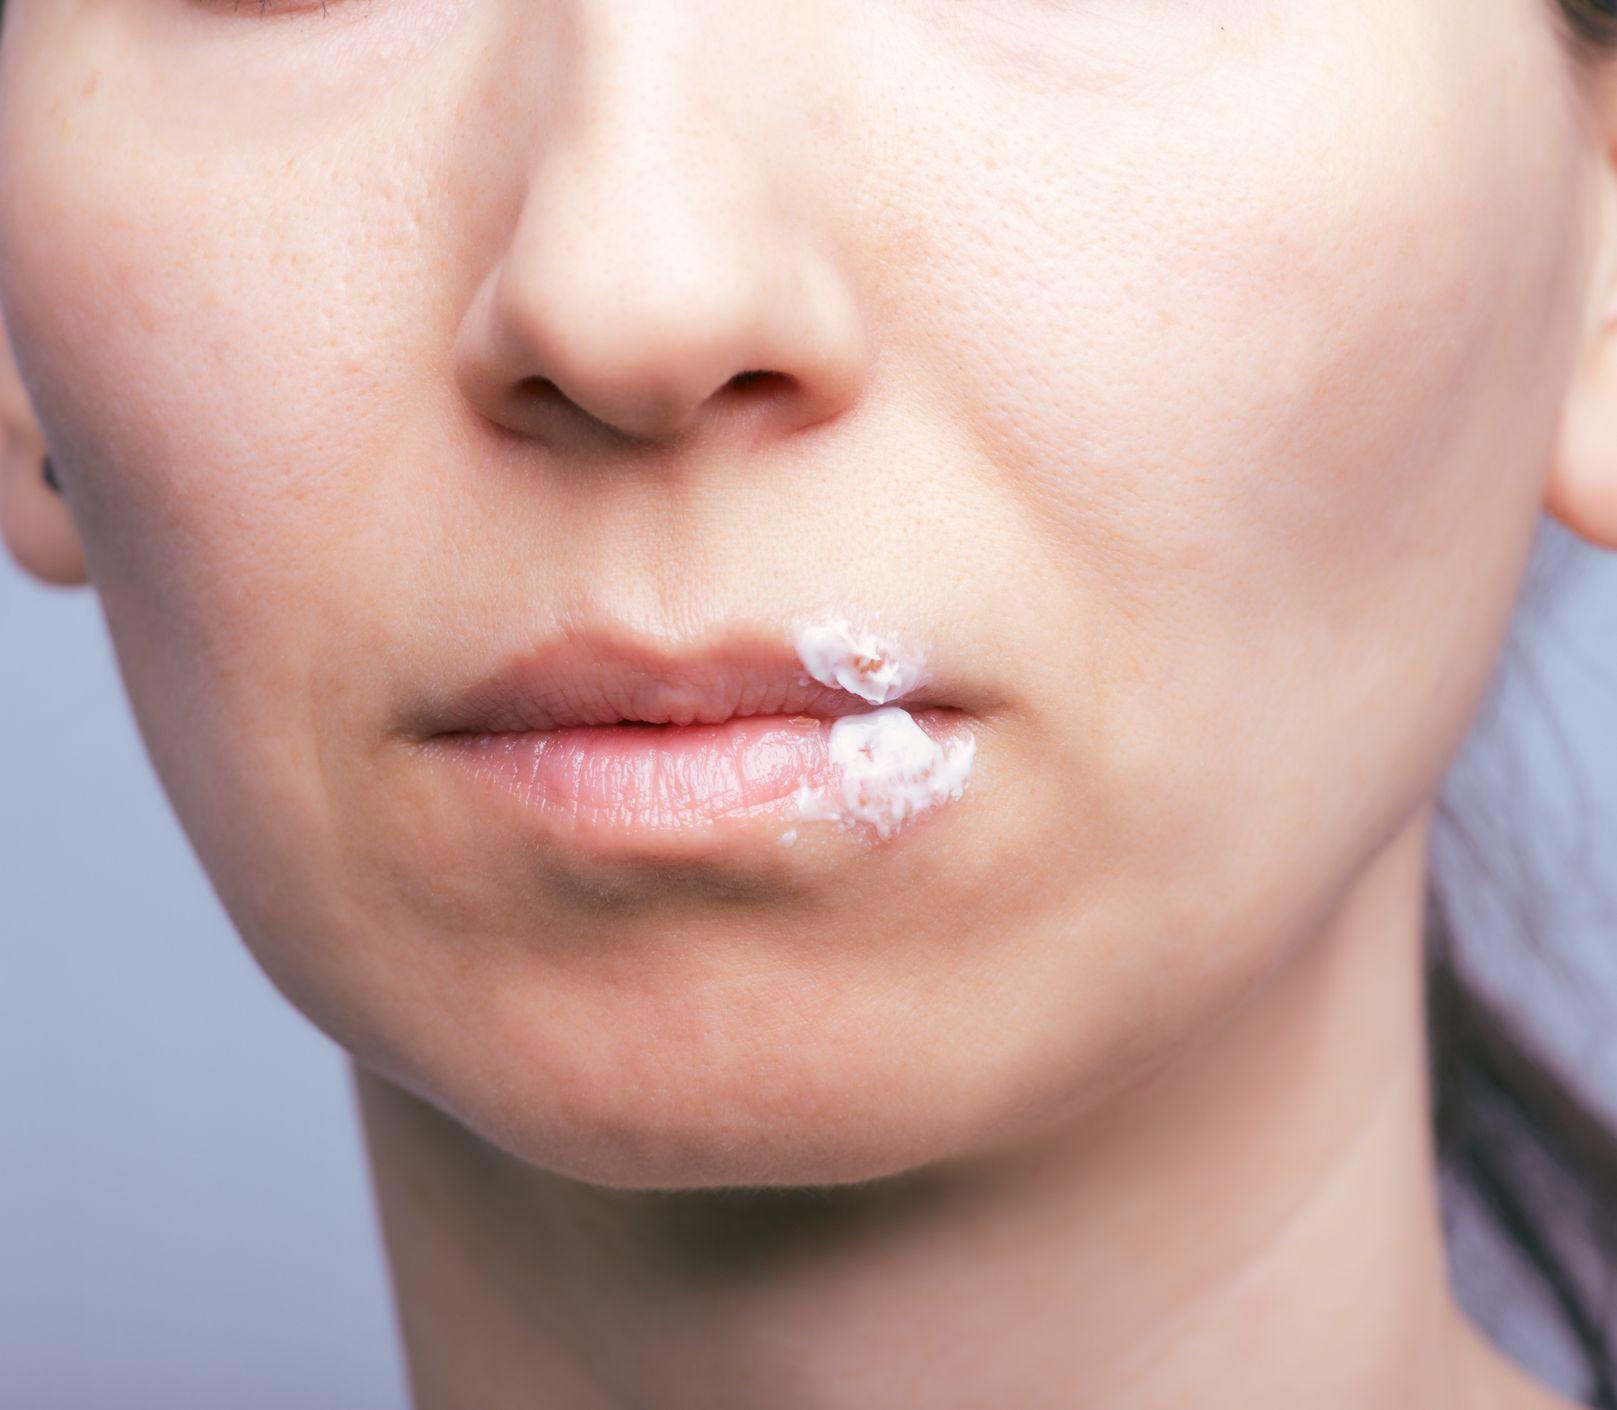 Herpes je boj na celý život: Pľuzgieriky neprepichujte, pomôžu i domáce recepty